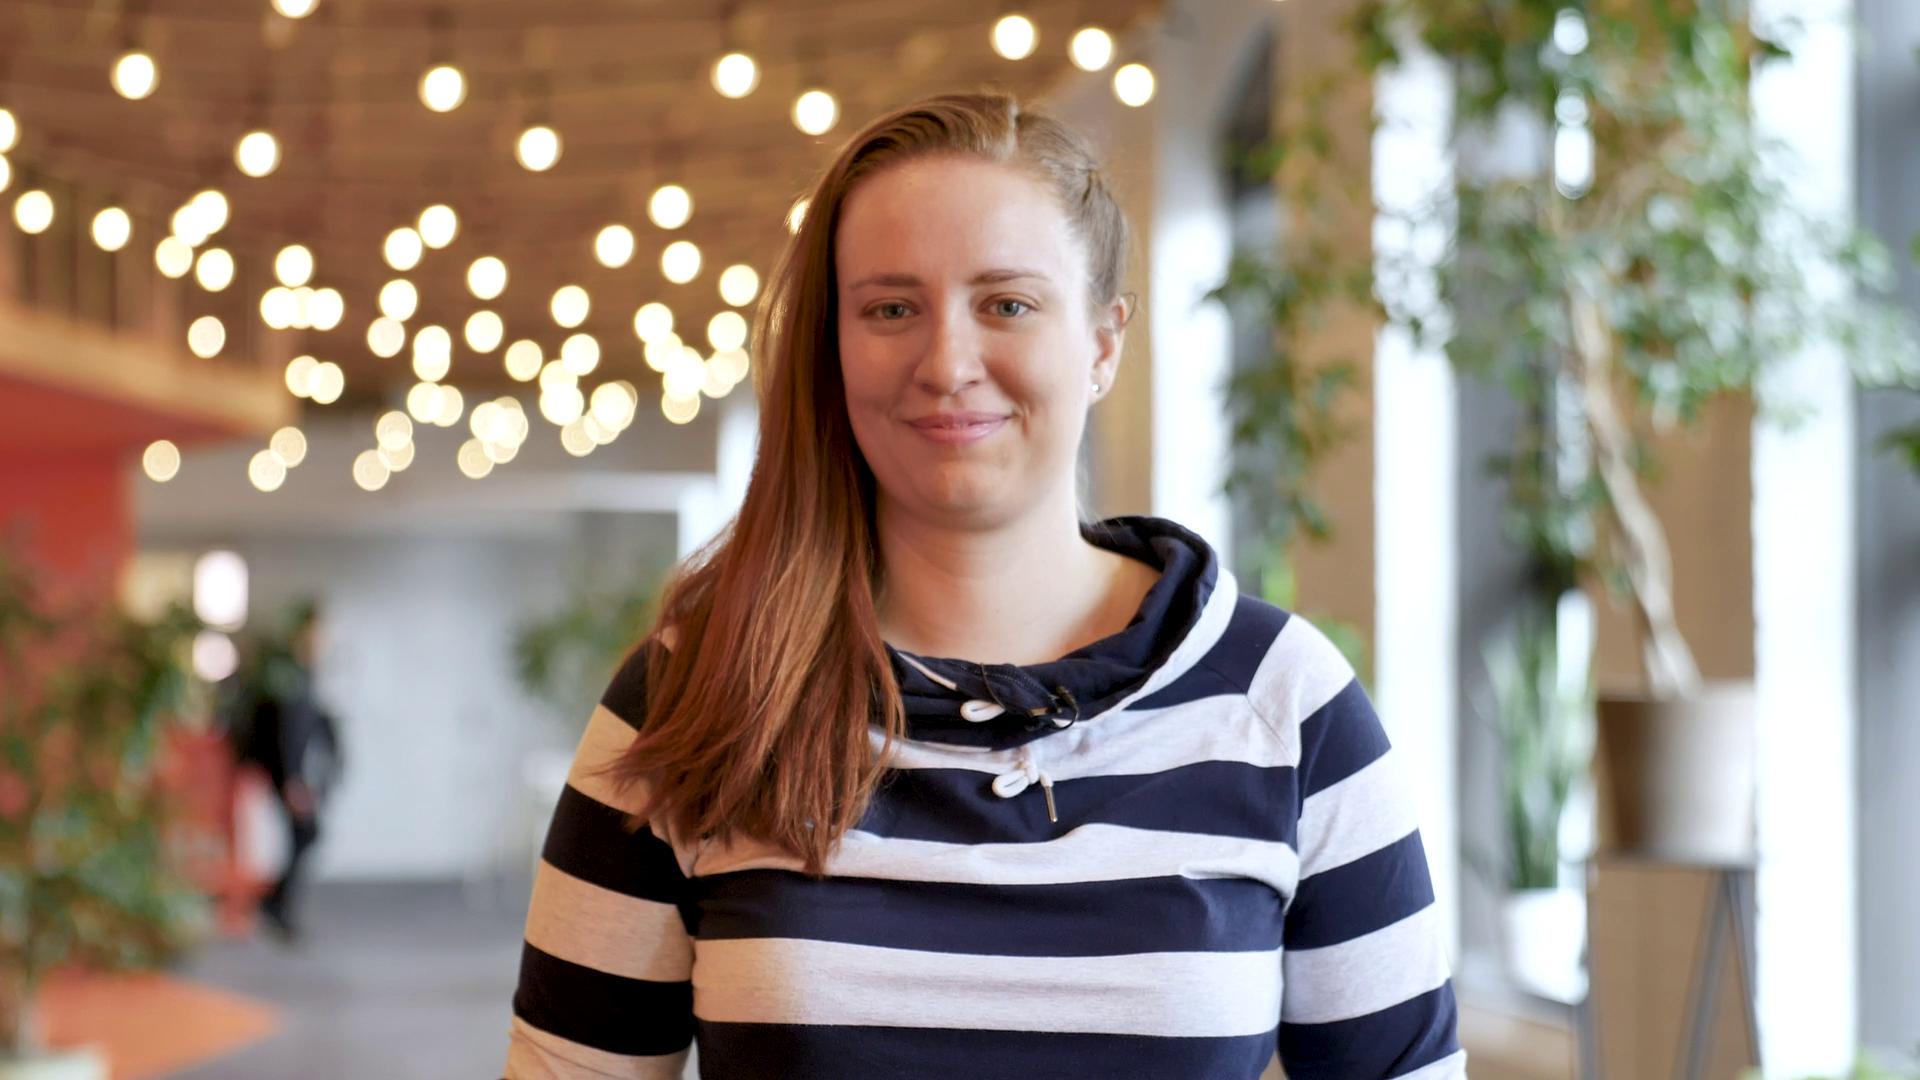 Femmes en tech Ubisoft : Portrait des trois ambassadrices inspirantes